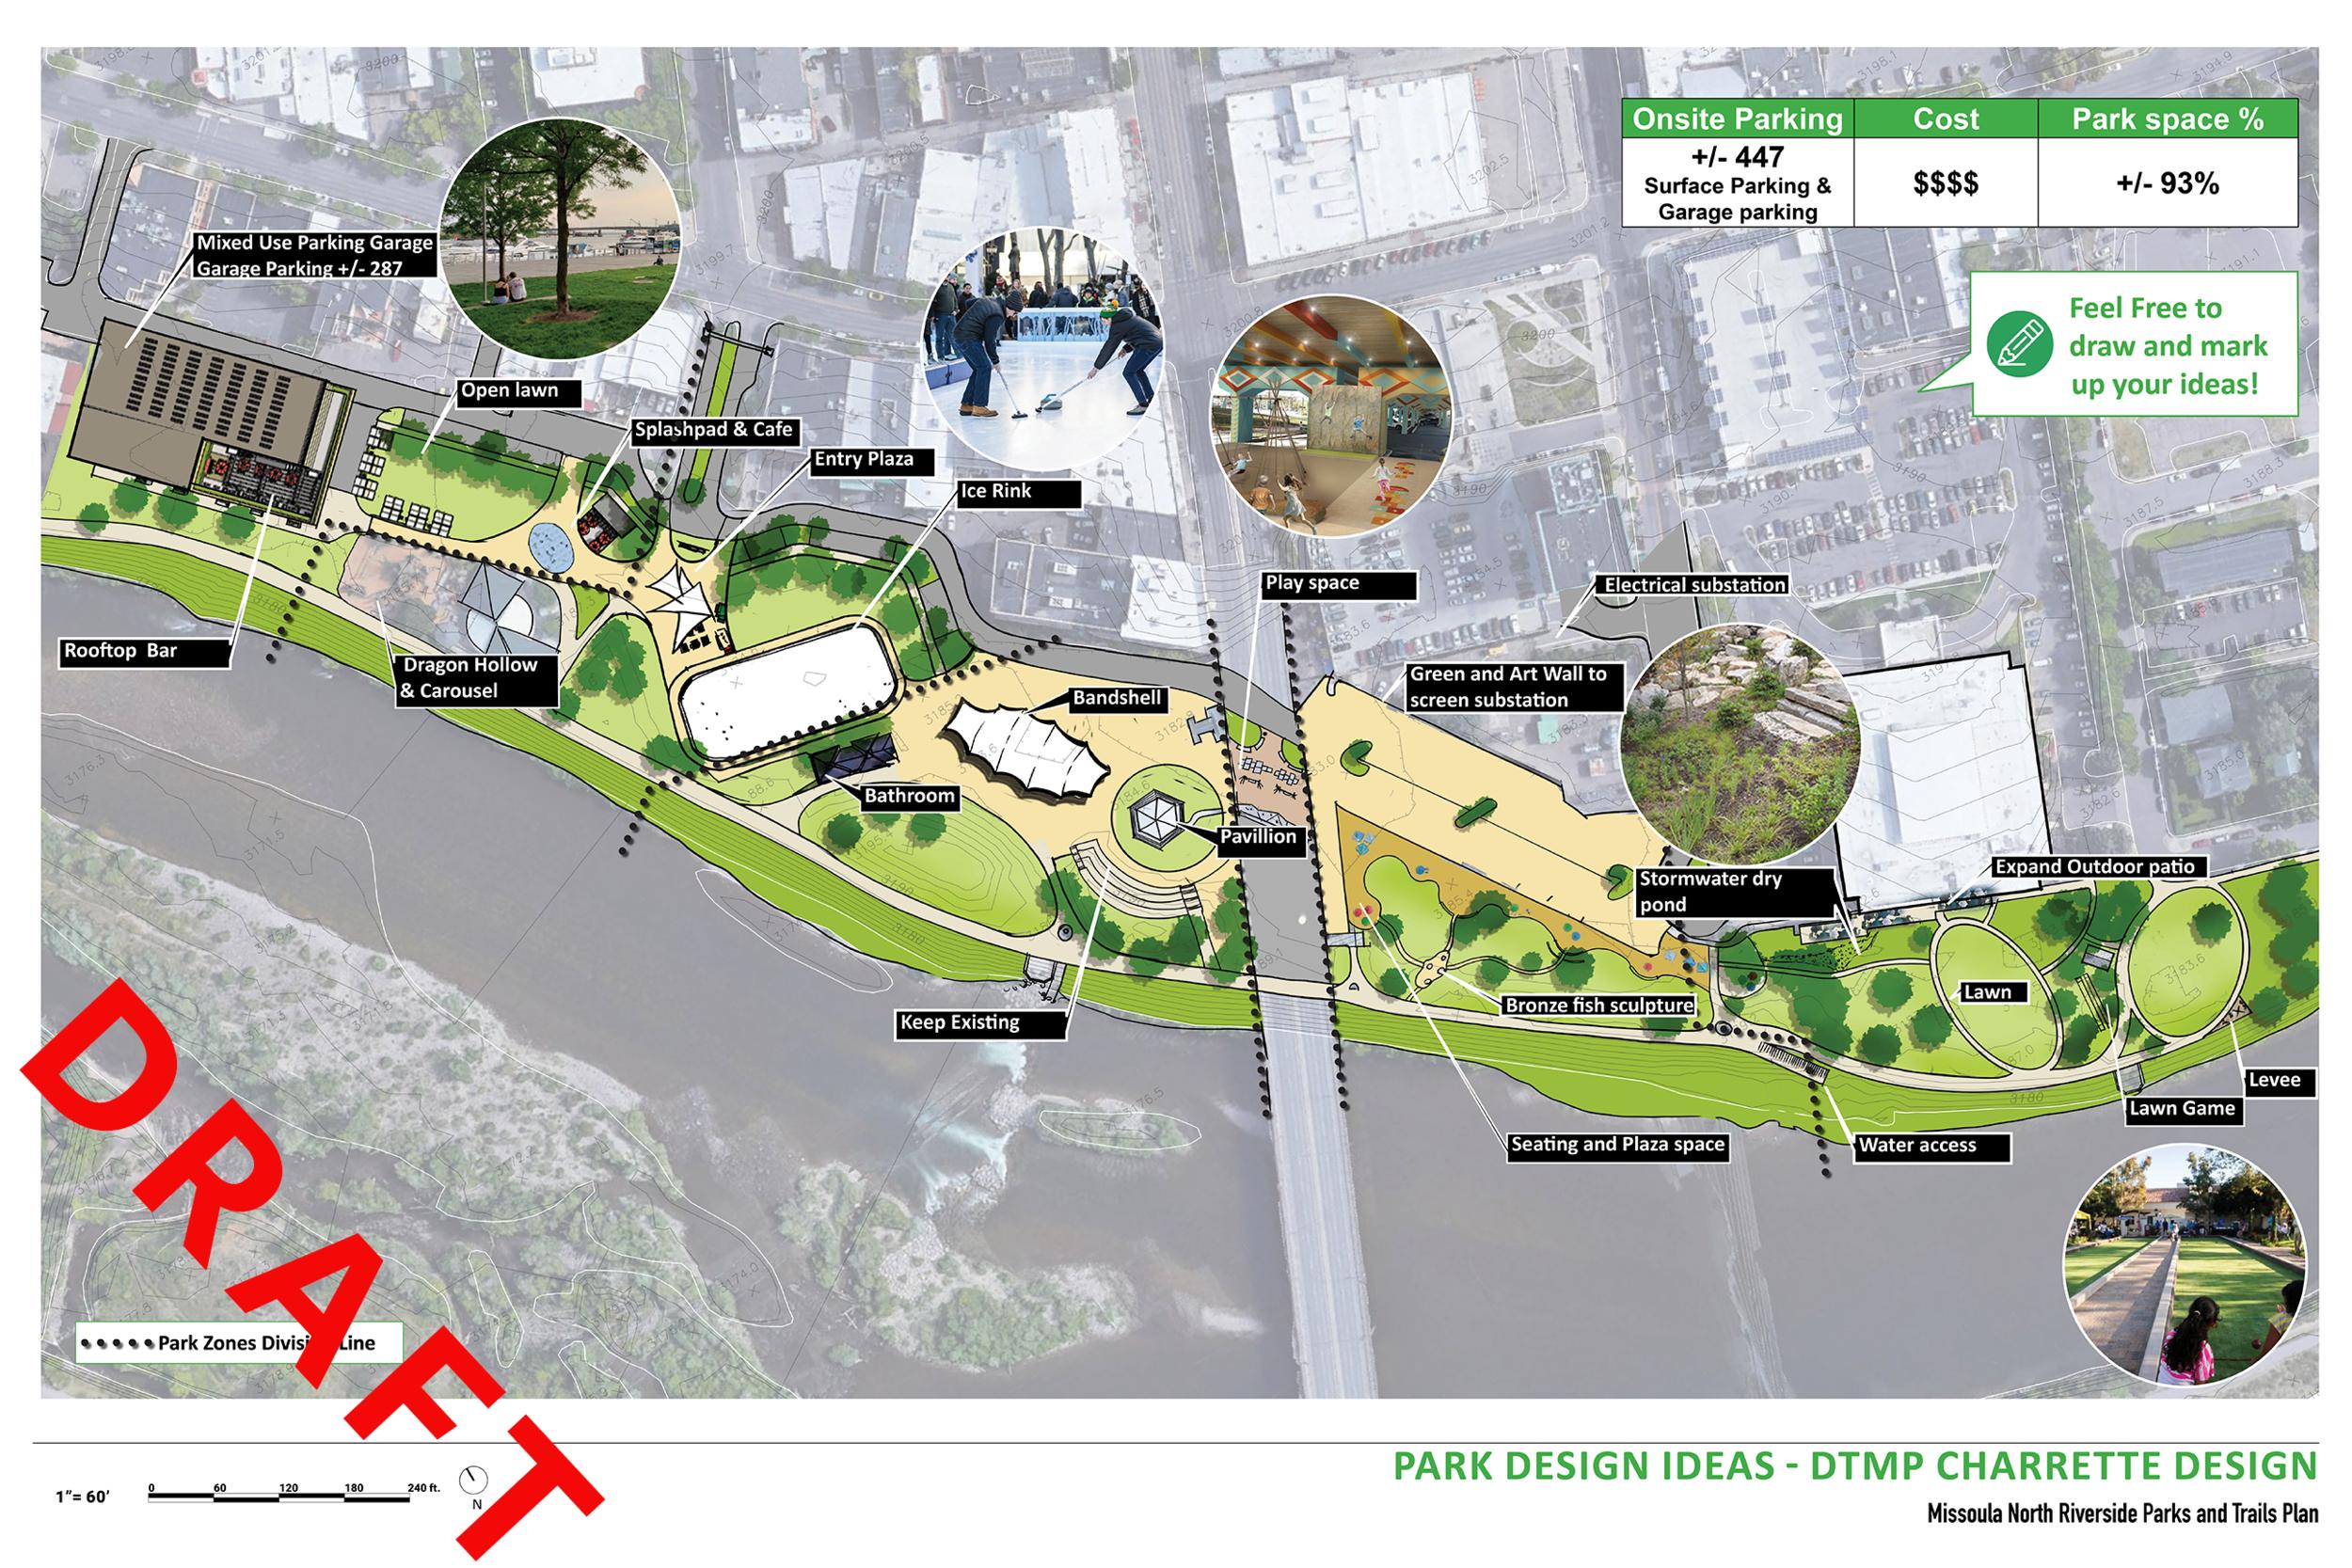 4.-Park Design Ideas - DTMP Charrette Design